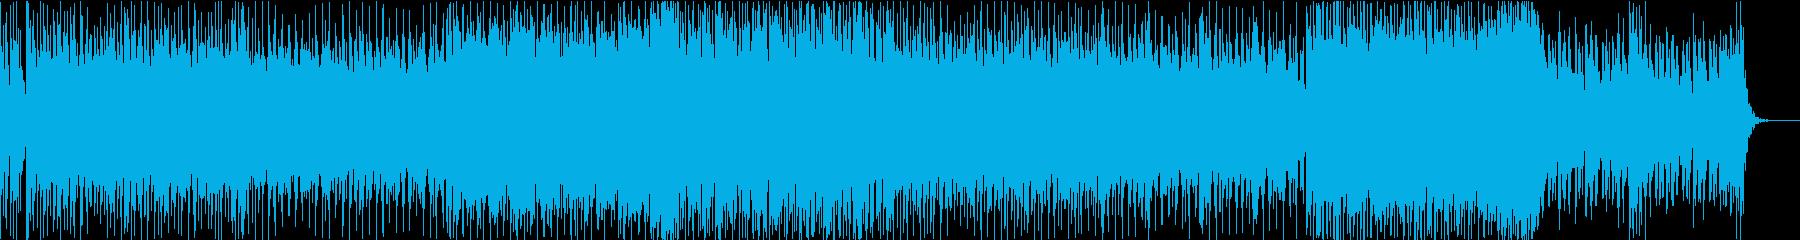 和楽器を使った四つ打ちEDMの再生済みの波形